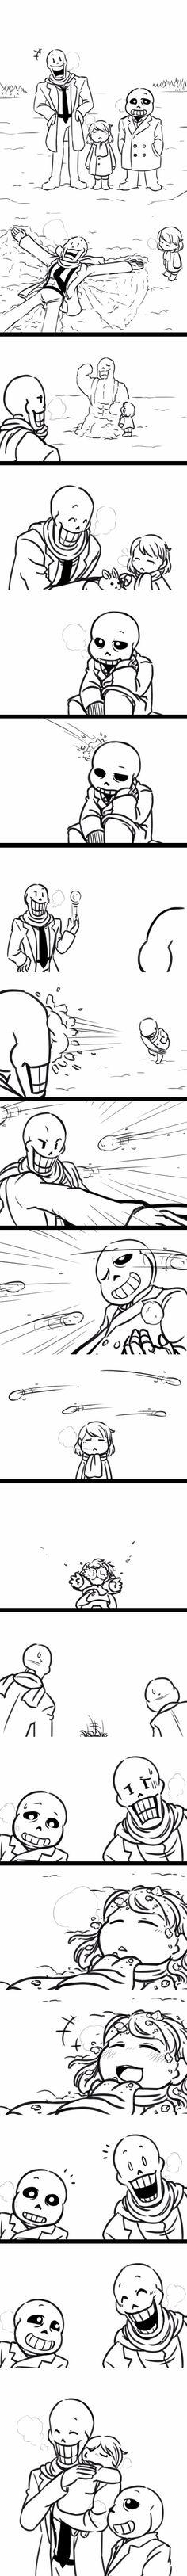 Papyrus, Frisk, and Sans - MobsterUT AU - comic